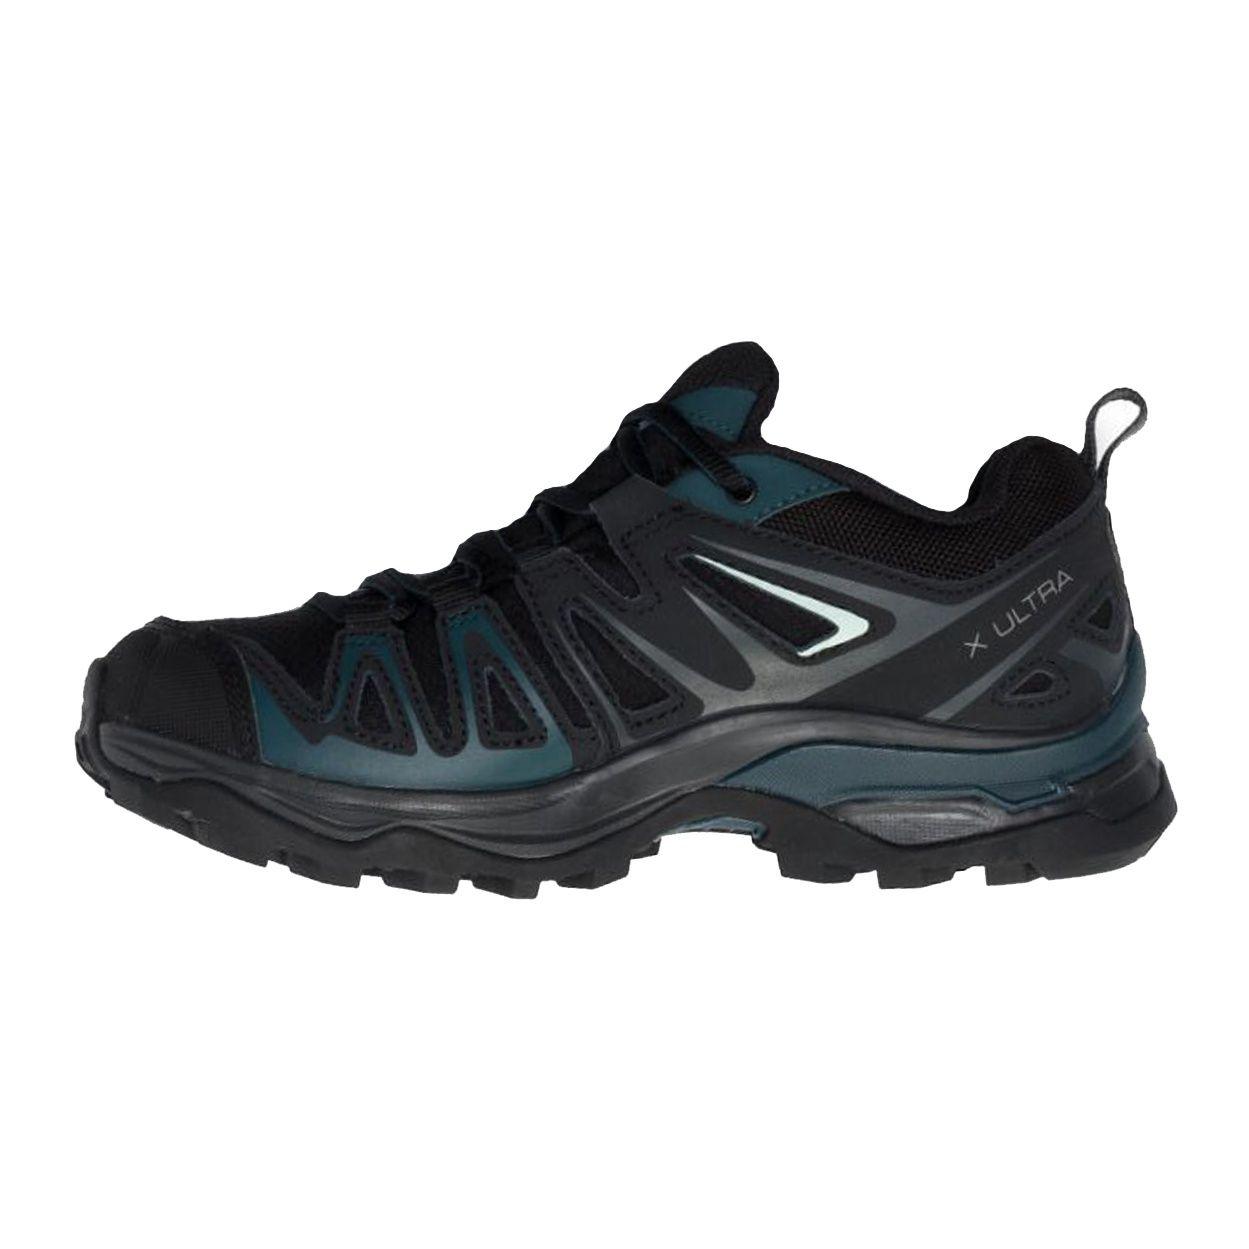 کفش مخصوص پیاده روی زنانه سالومون مدل 407862 MIRACLE